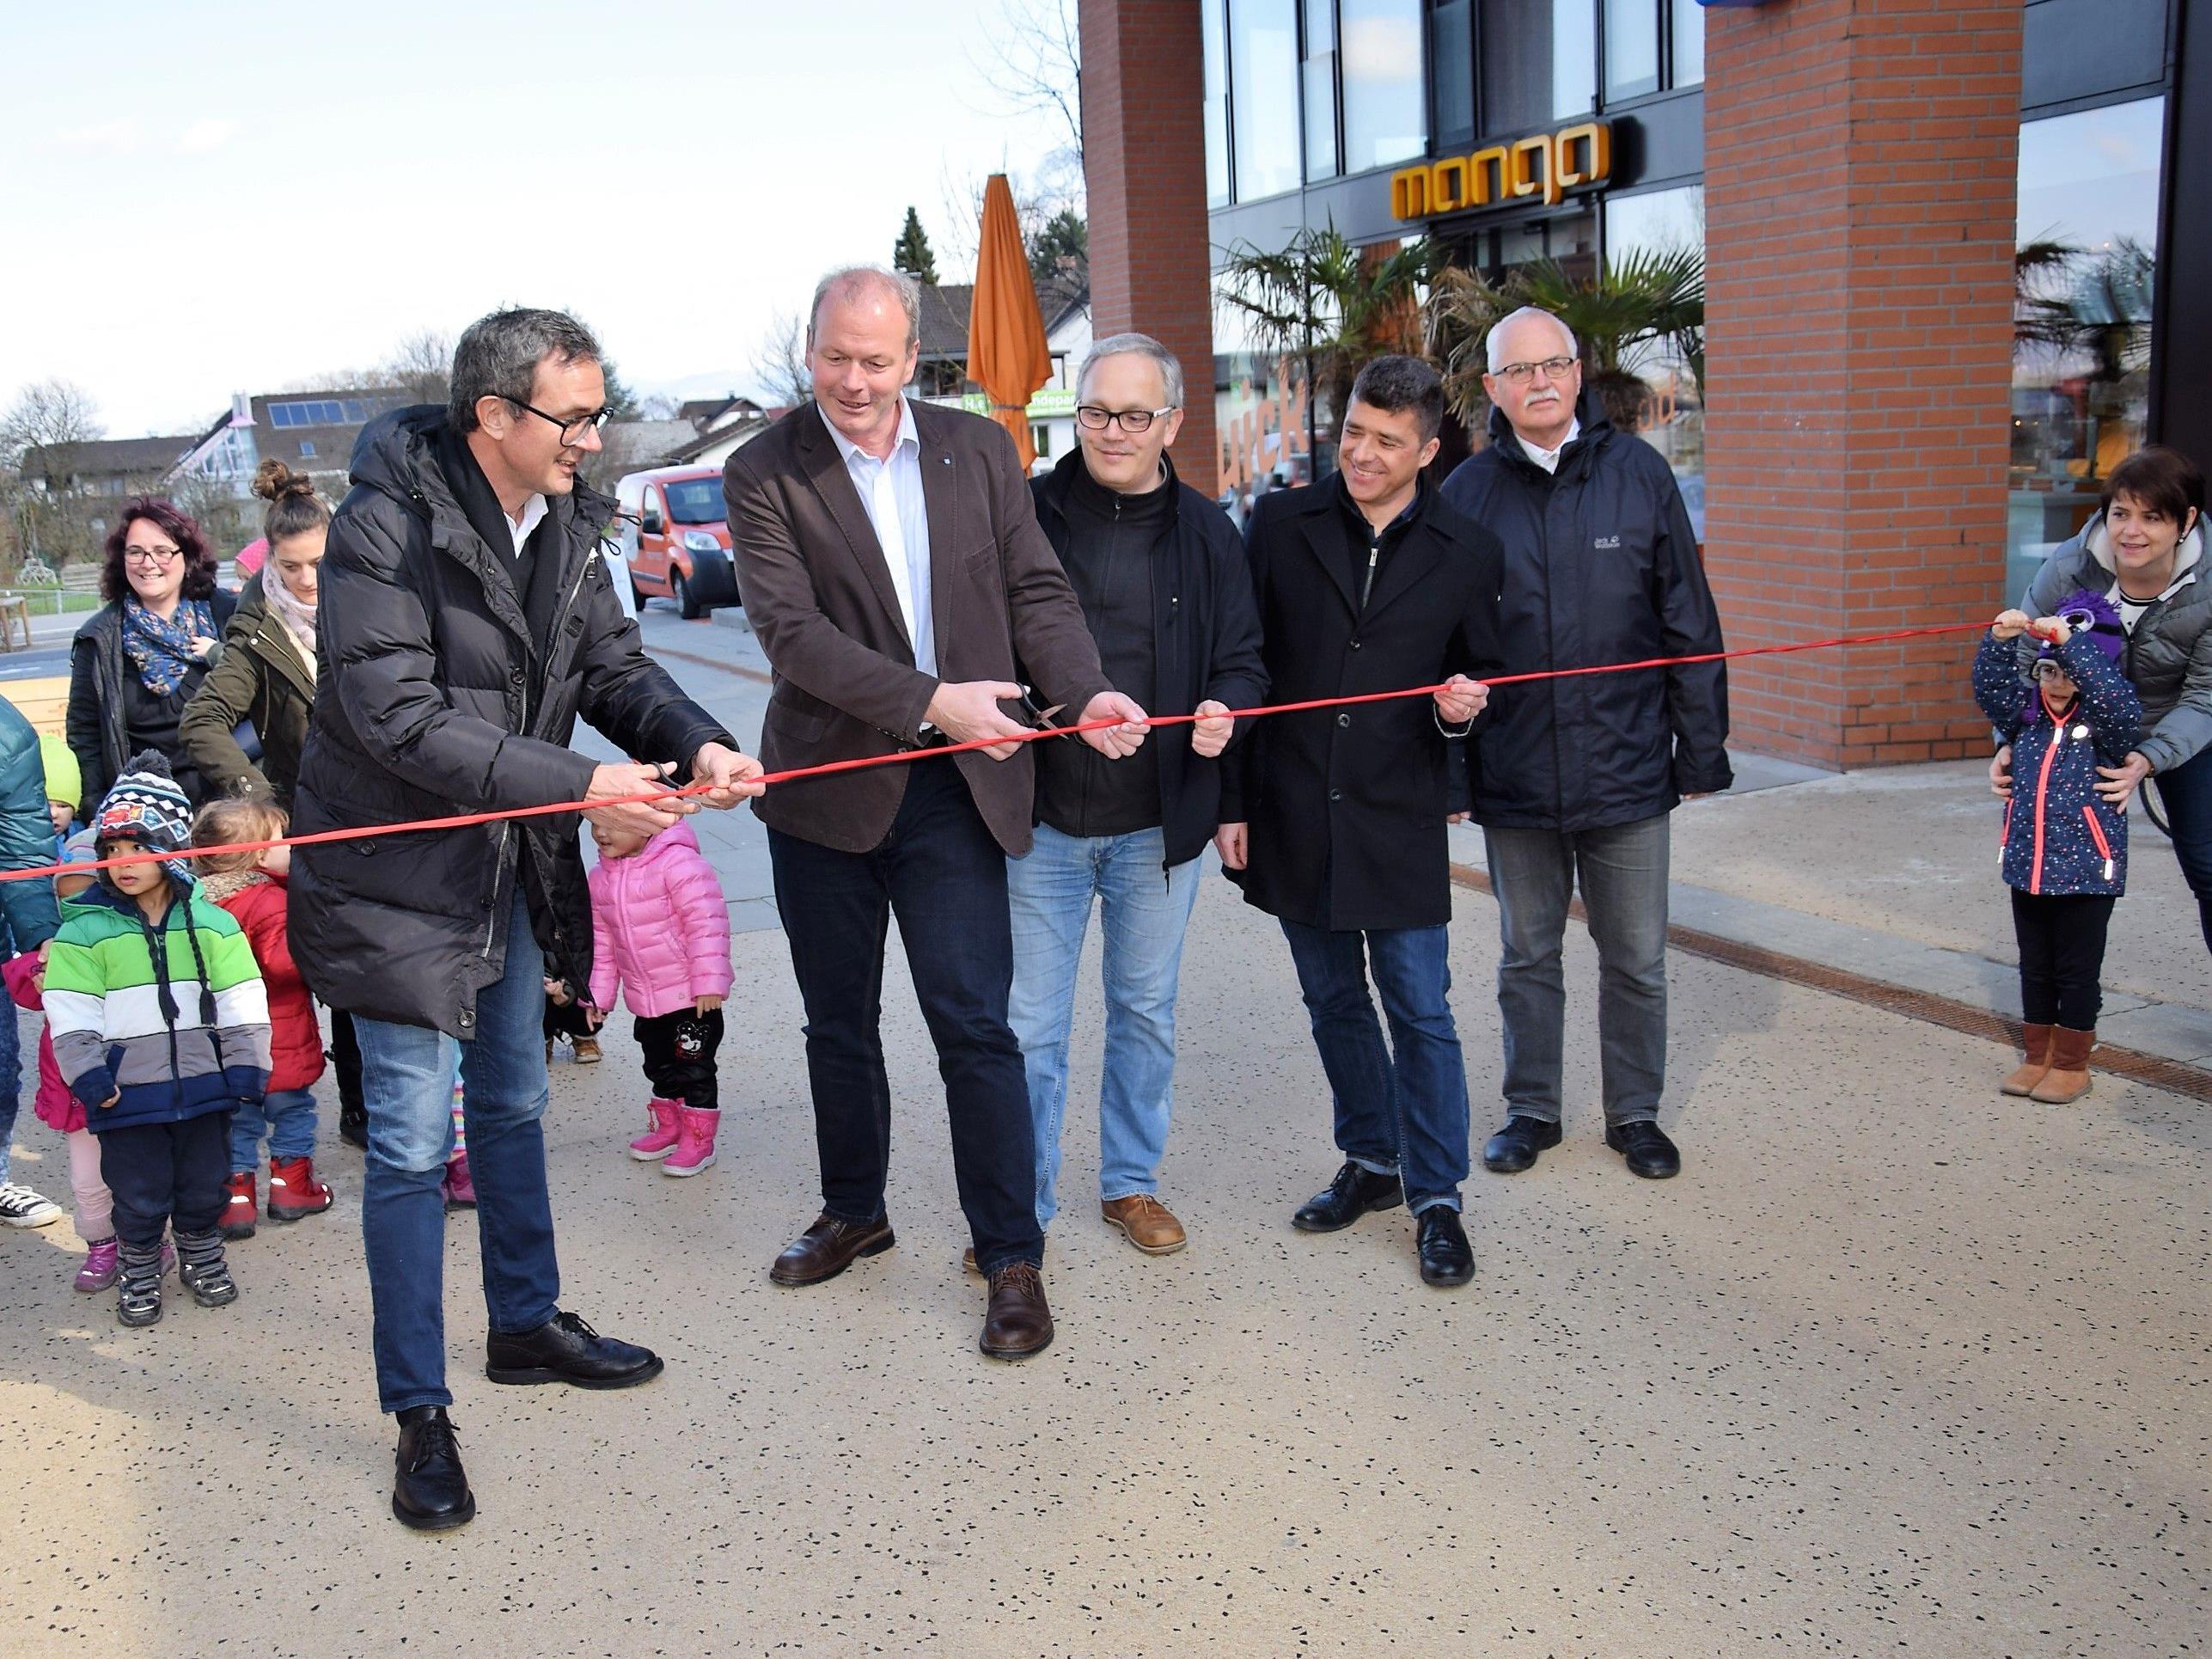 Die Fußgängerzone am Garnmarkt wurde vom Götzner Bürgermeister, Bernhard Ölz (Prisma), Thomas Ender, Clemens Ender und Walter Heinzle offiziell eröffnet